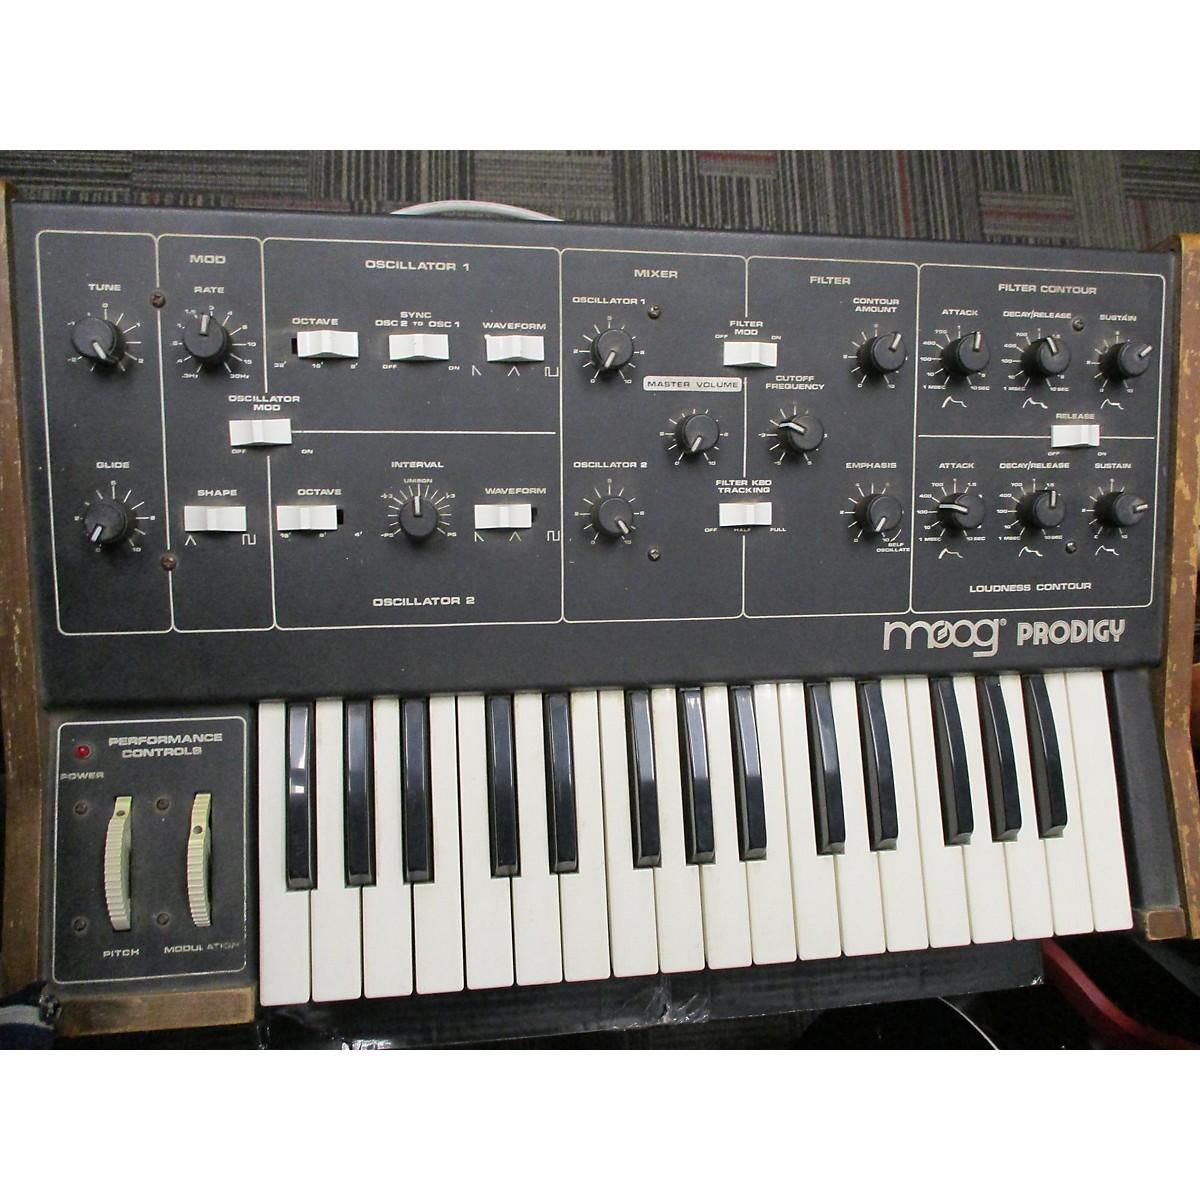 Moog 1980 PRODIGY Synthesizer